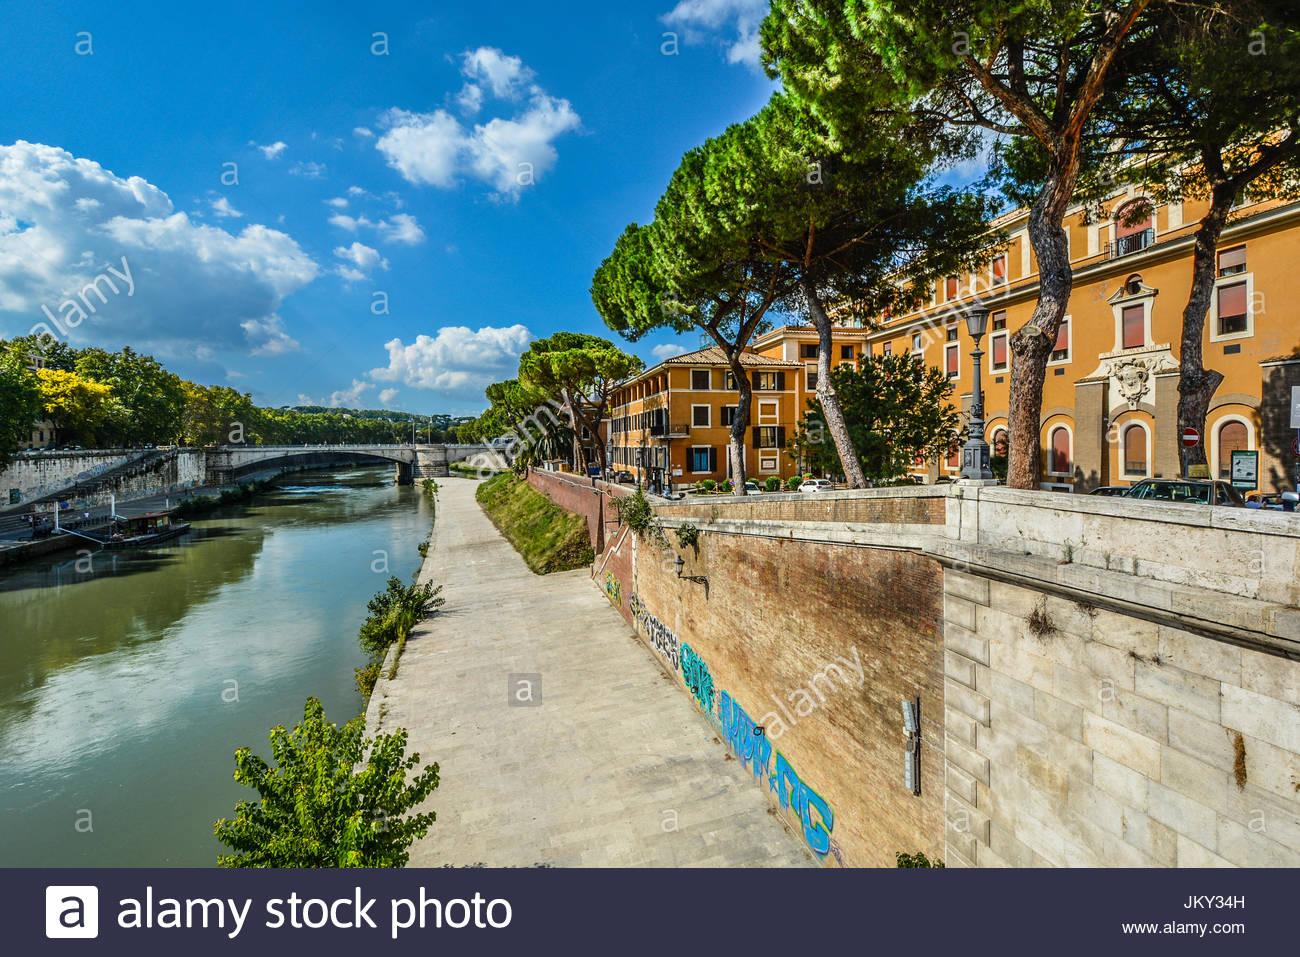 Die Ufer des Flusses Tiber in Rom an einem warmen Sommernachmittag. Stockbild